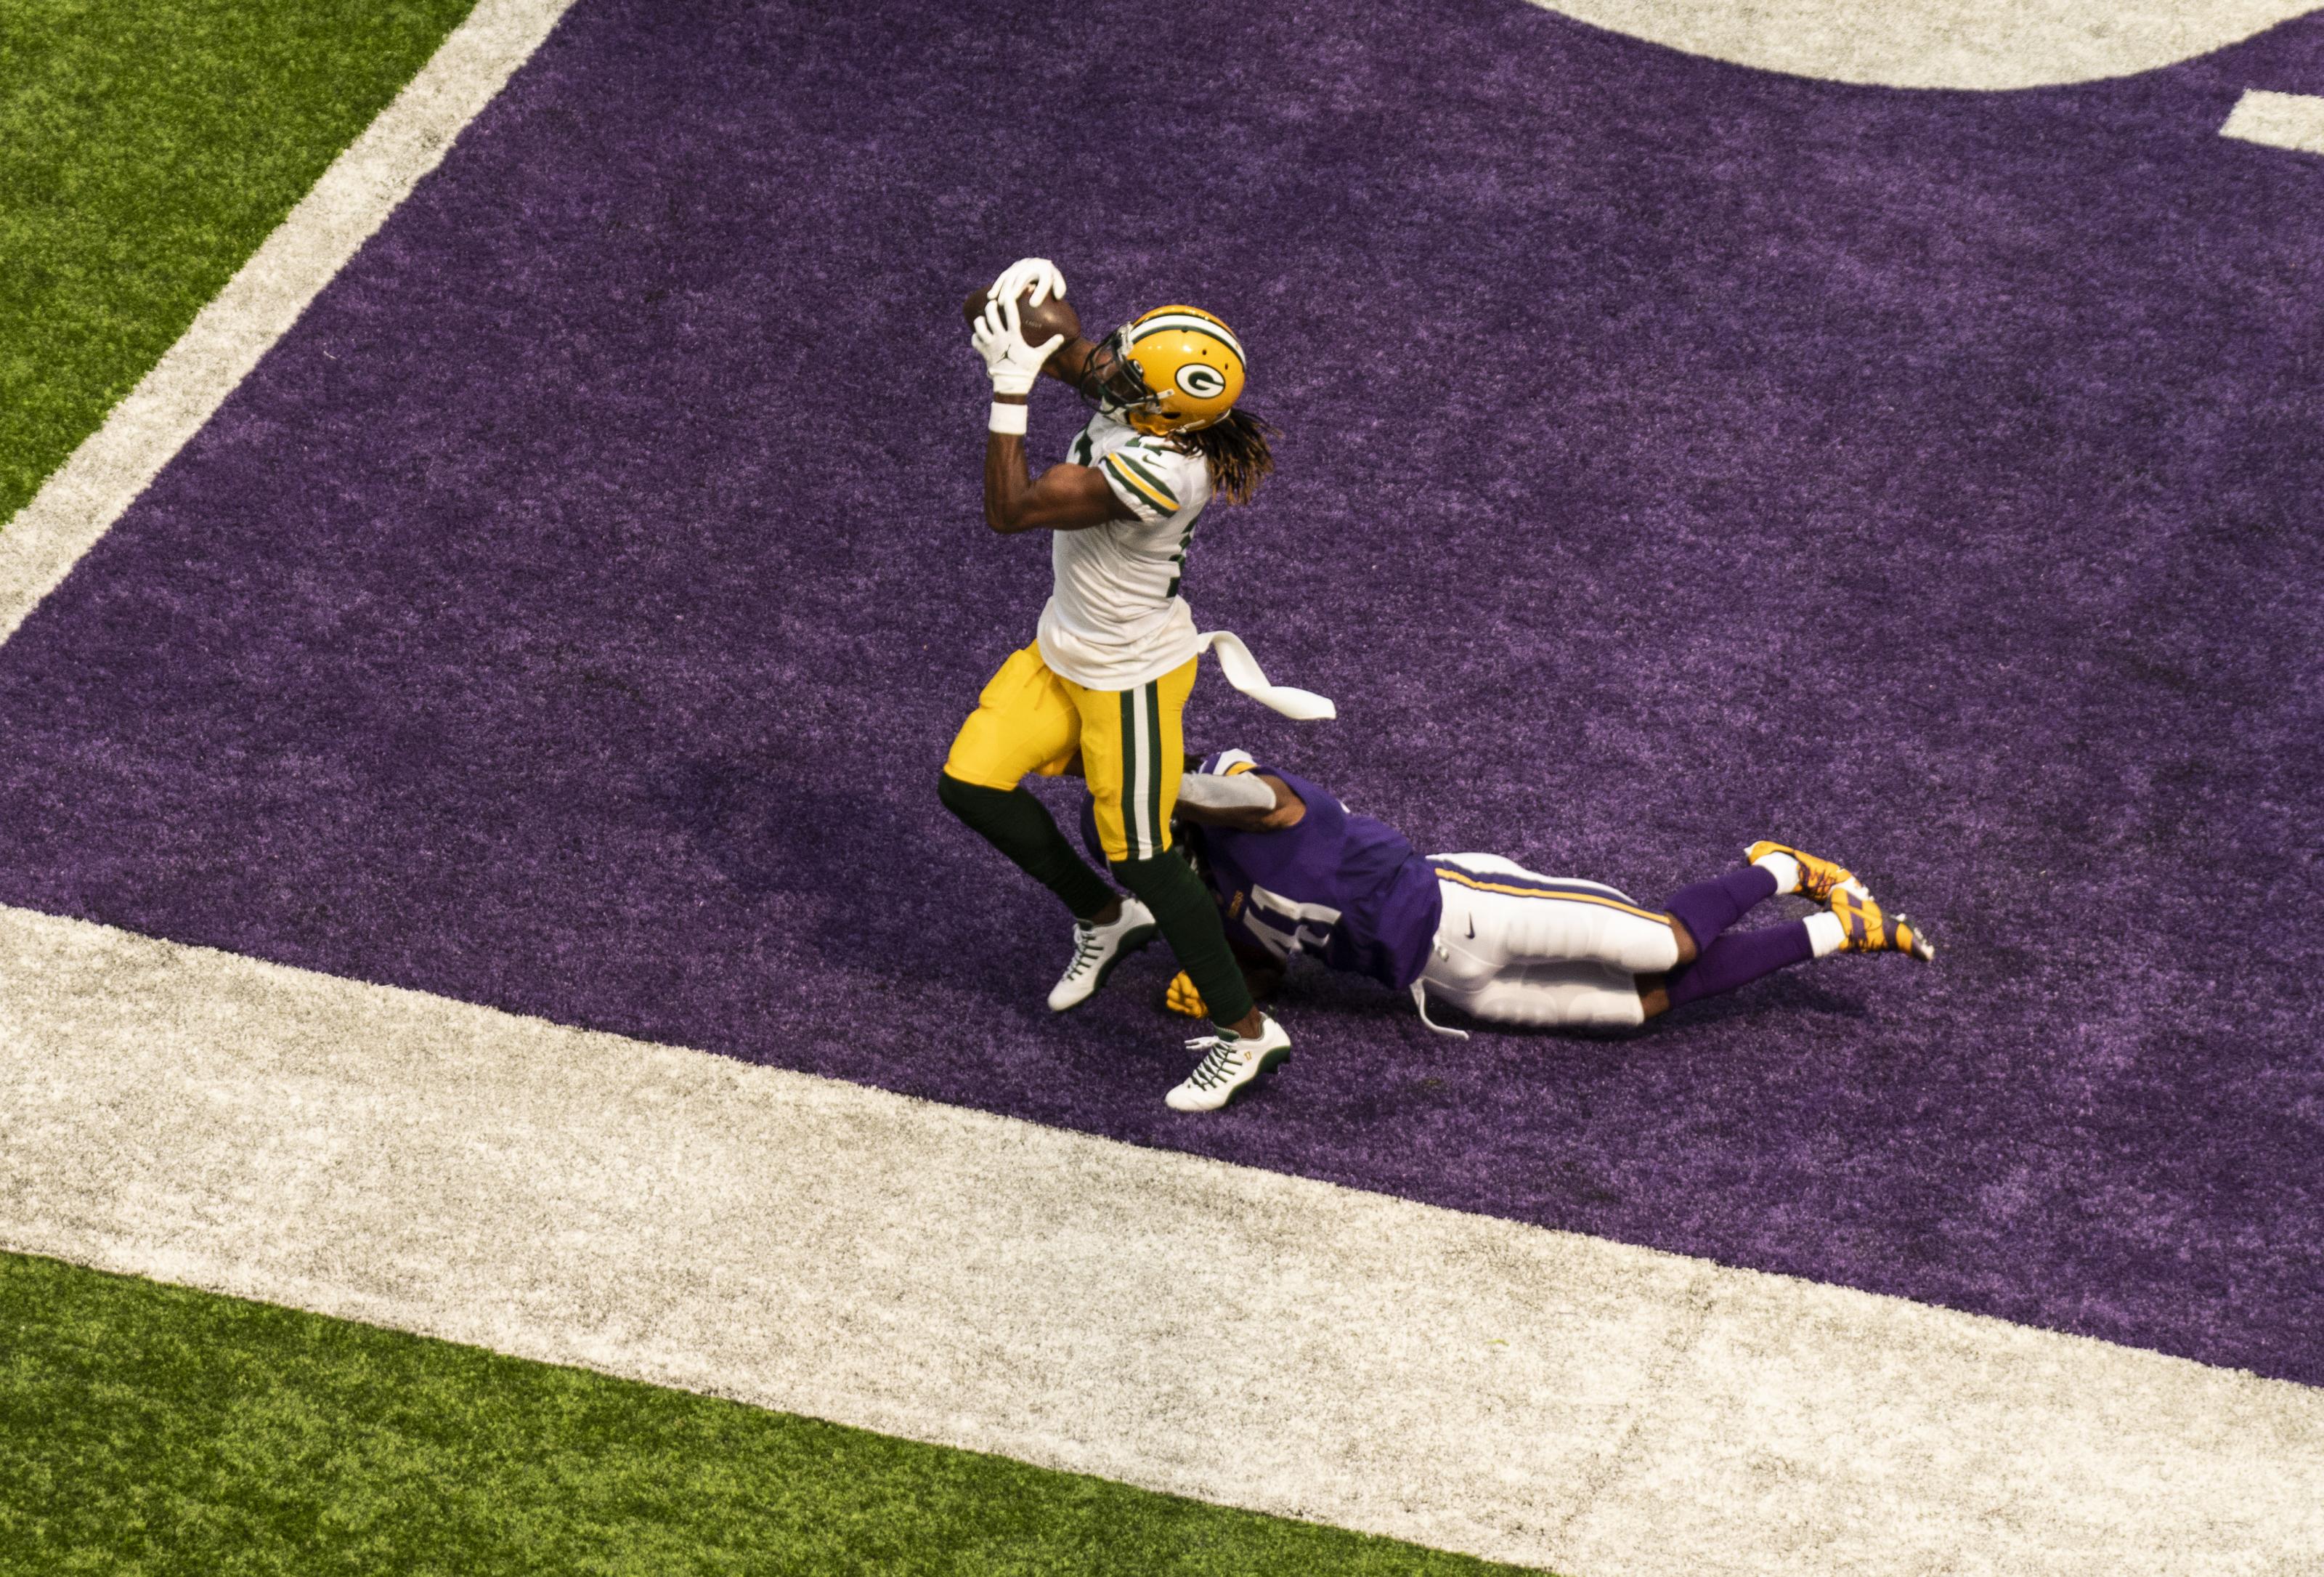 Highlights Of Green Bay Packers Week 1 Whooping Of Minnesota Vikings